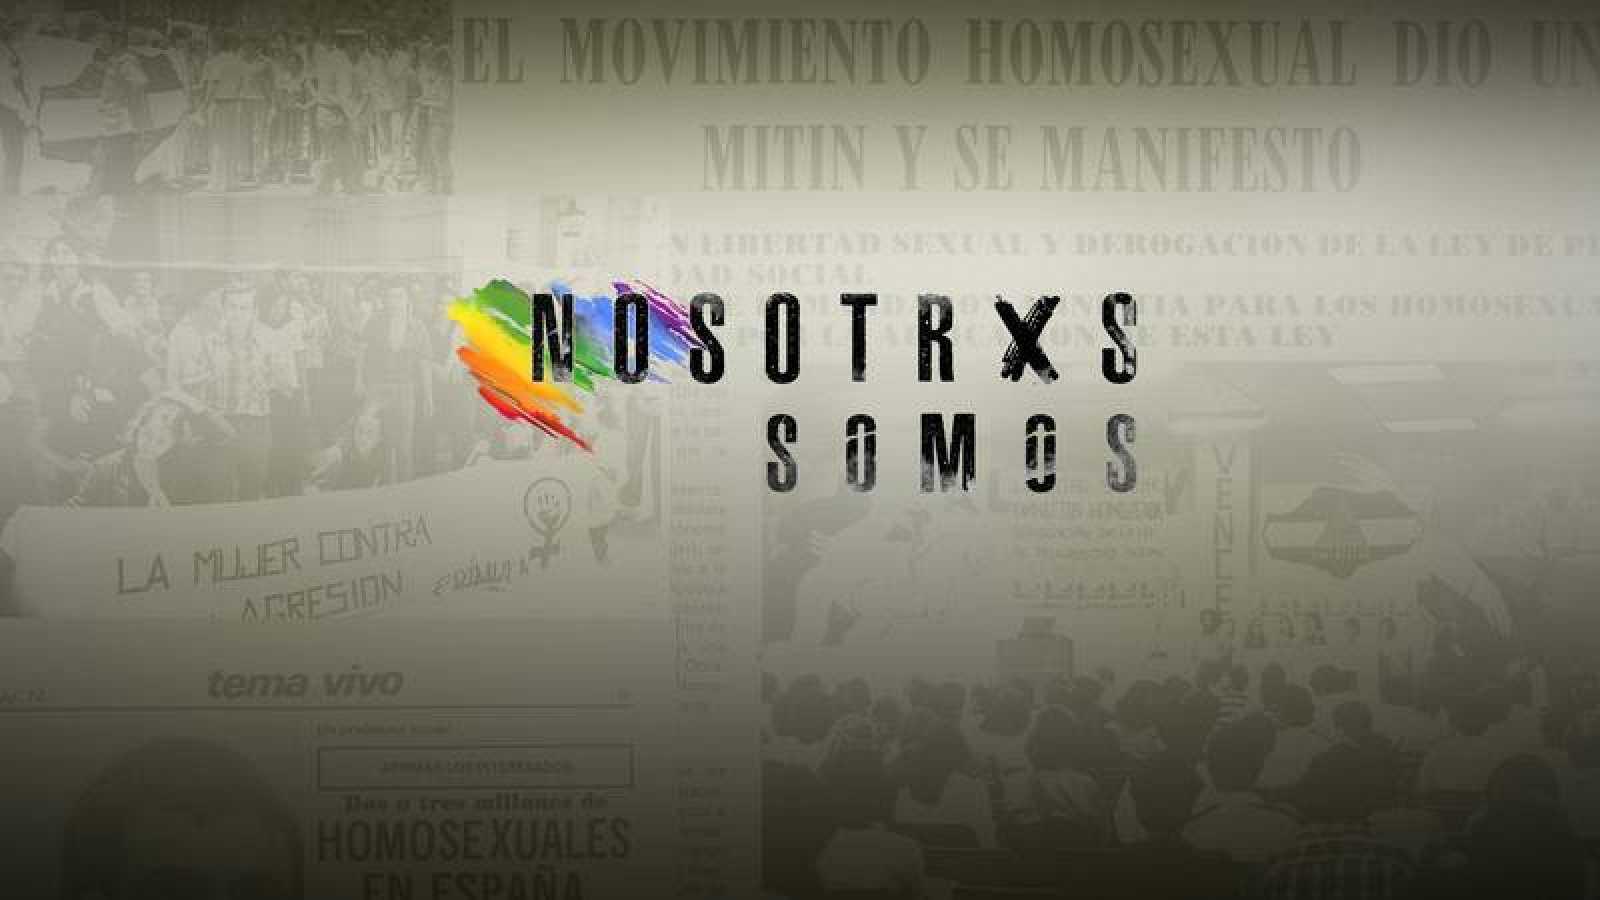 Logo Nosotrxs Somos